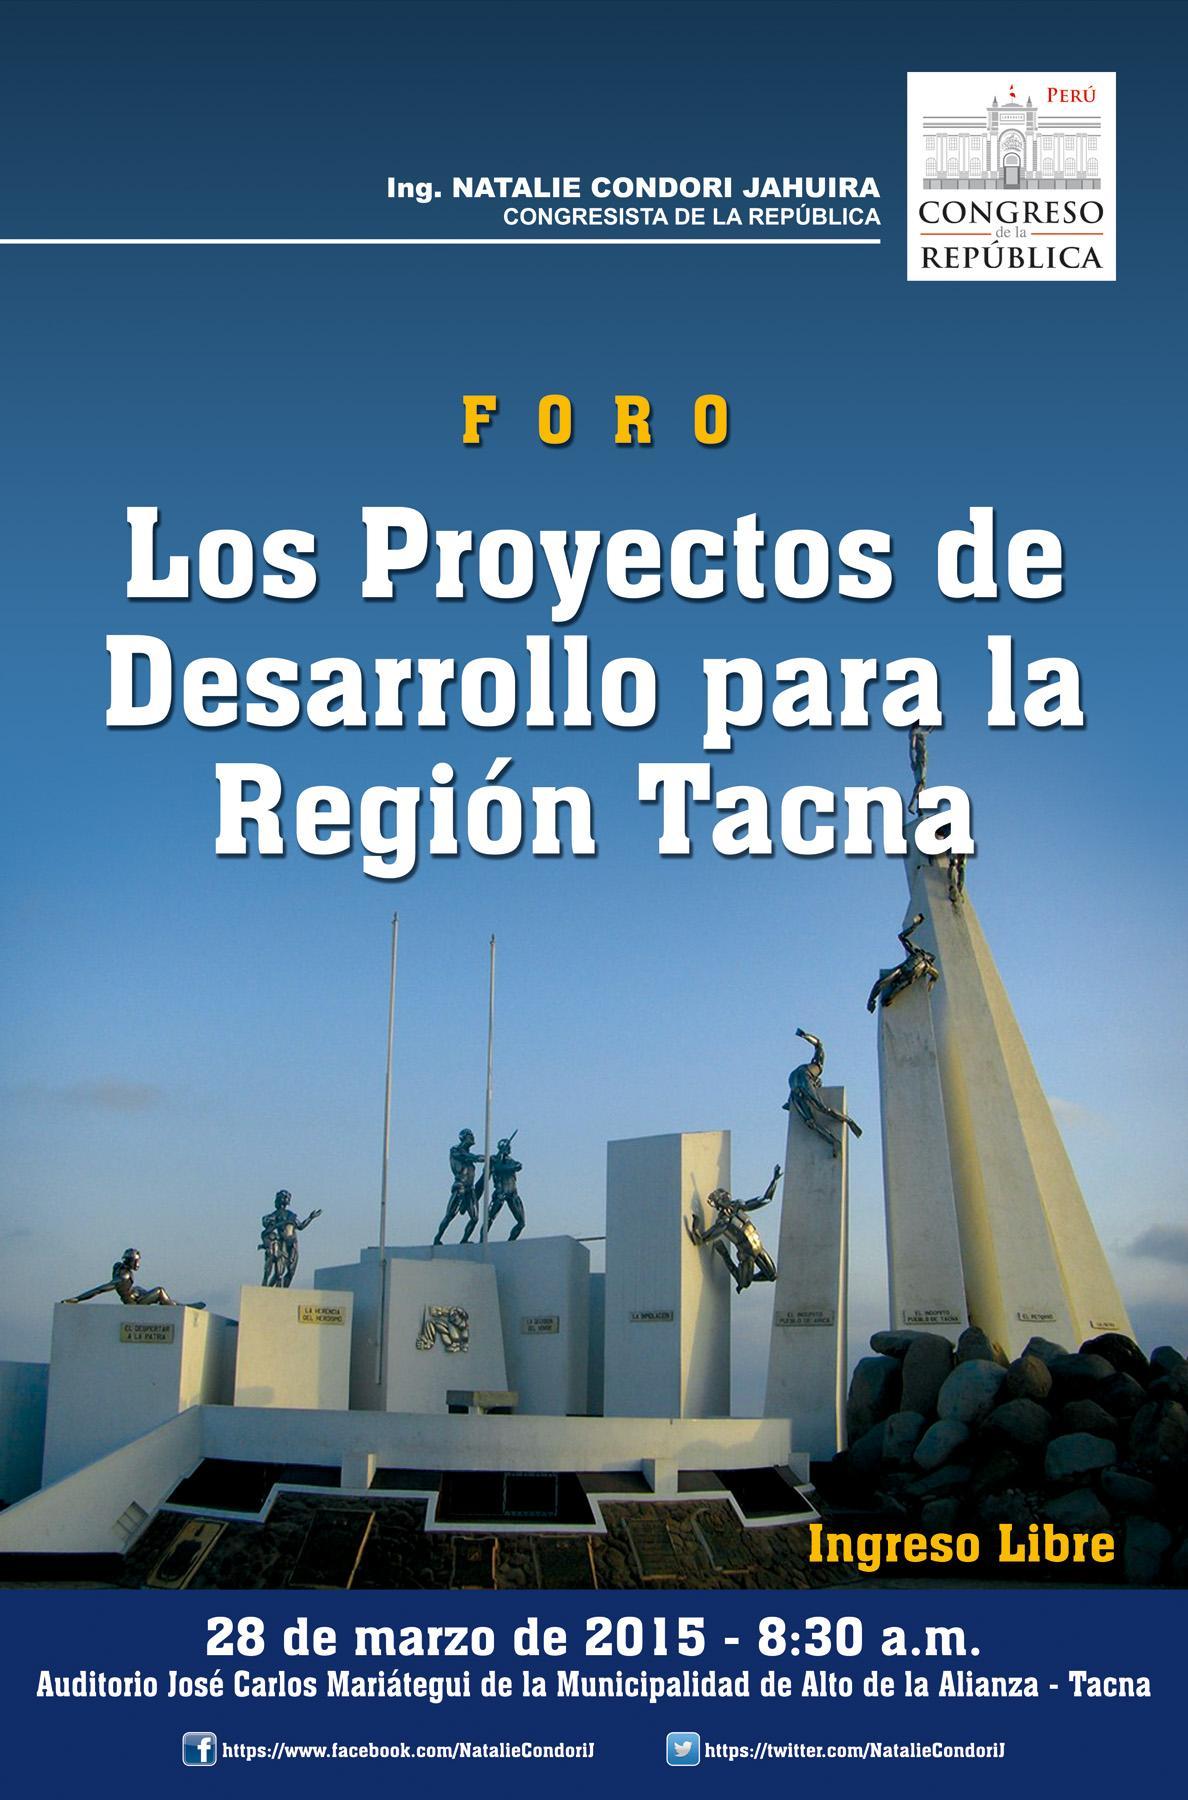 HOY SE DESARROLLA FORO: PROYECTOS DE DESARROLLO PARA TACNA